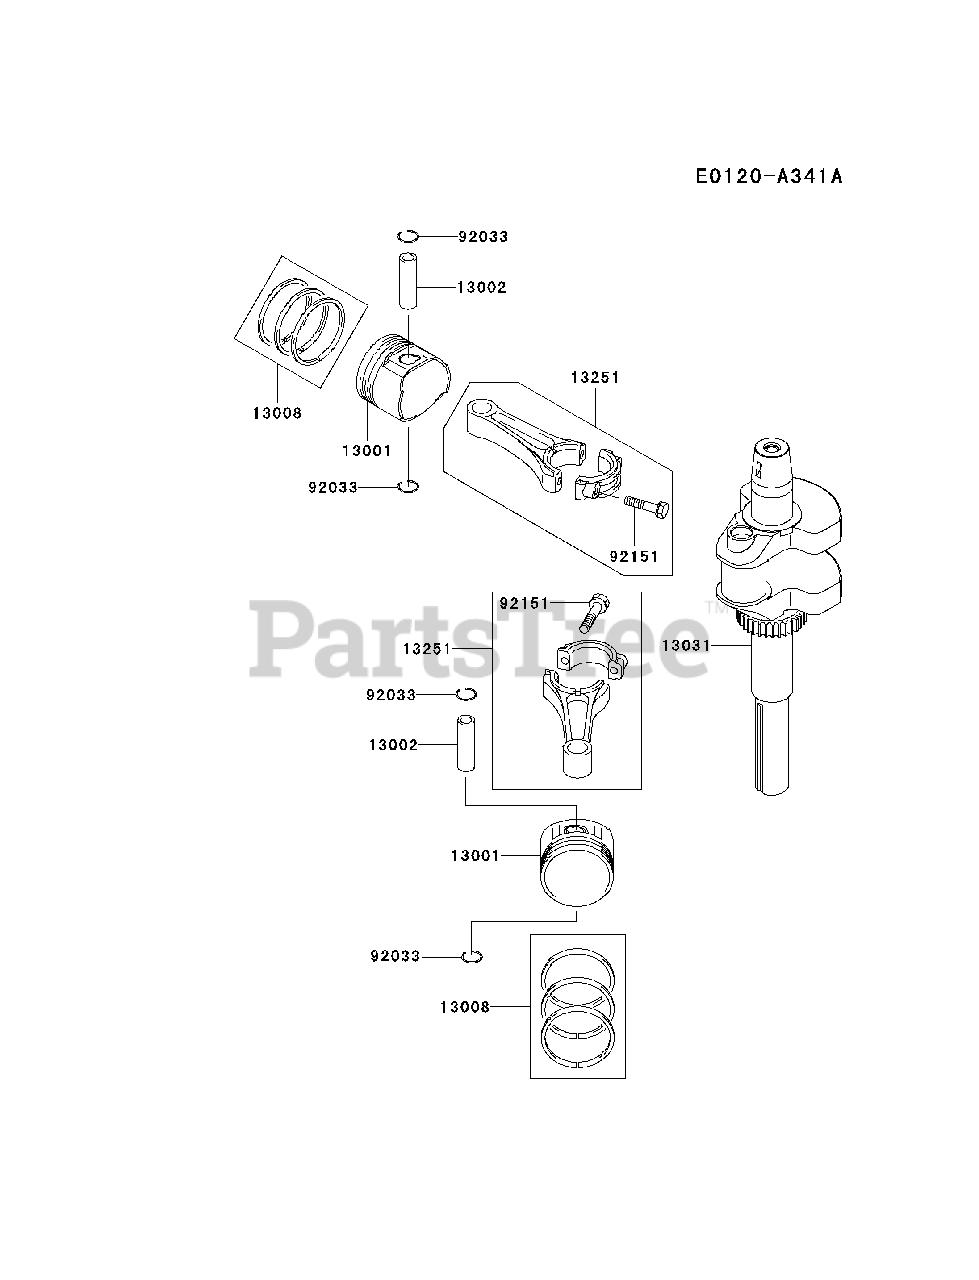 Engine Piston Diagram - Wiring Diagram & Schemas